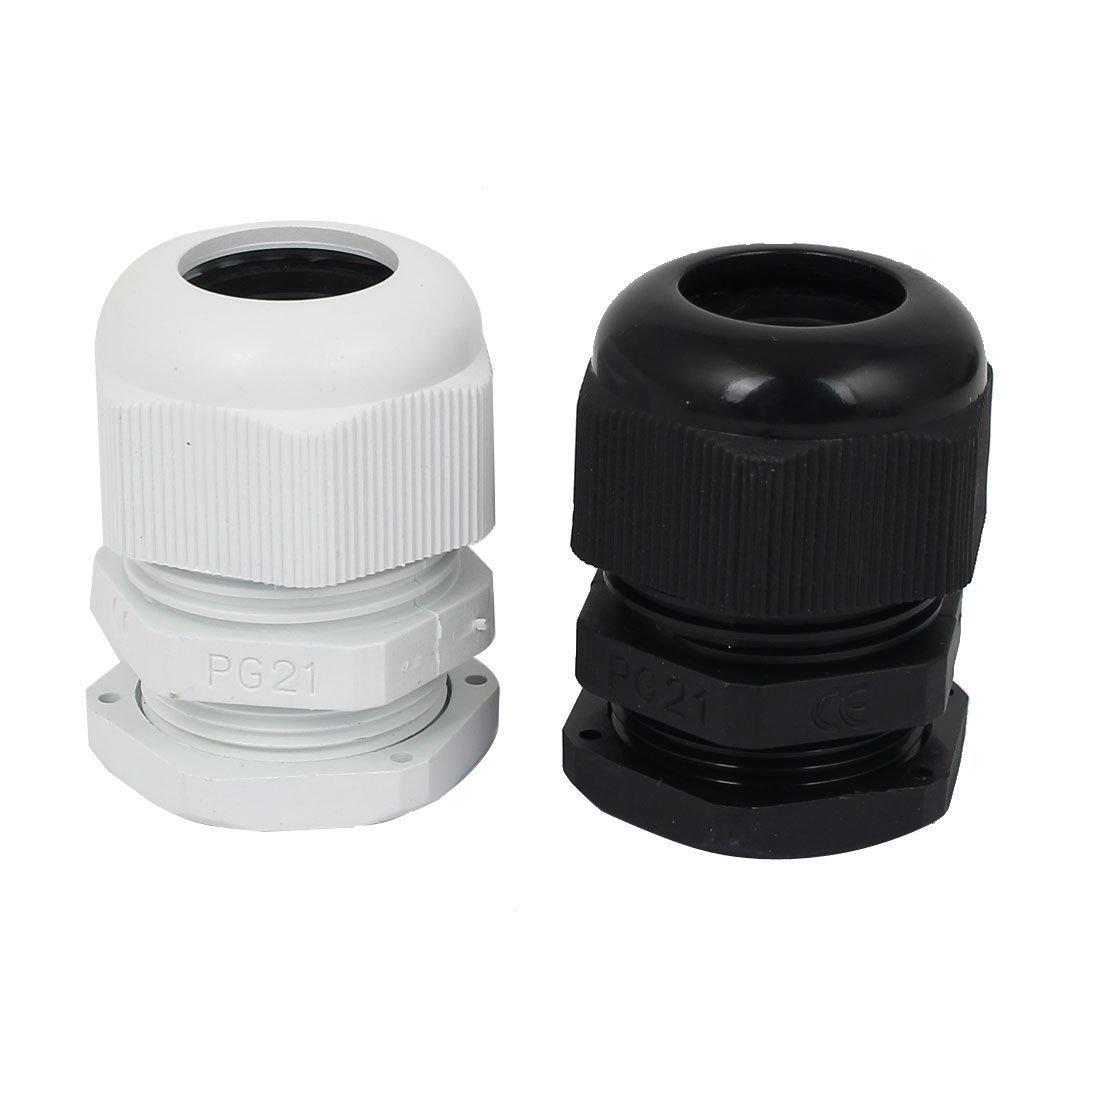 Amazon.com: DealMux 13-18mm 10pcs plástico impermeável PG21 Cable Gland Branco Preto: Electronics